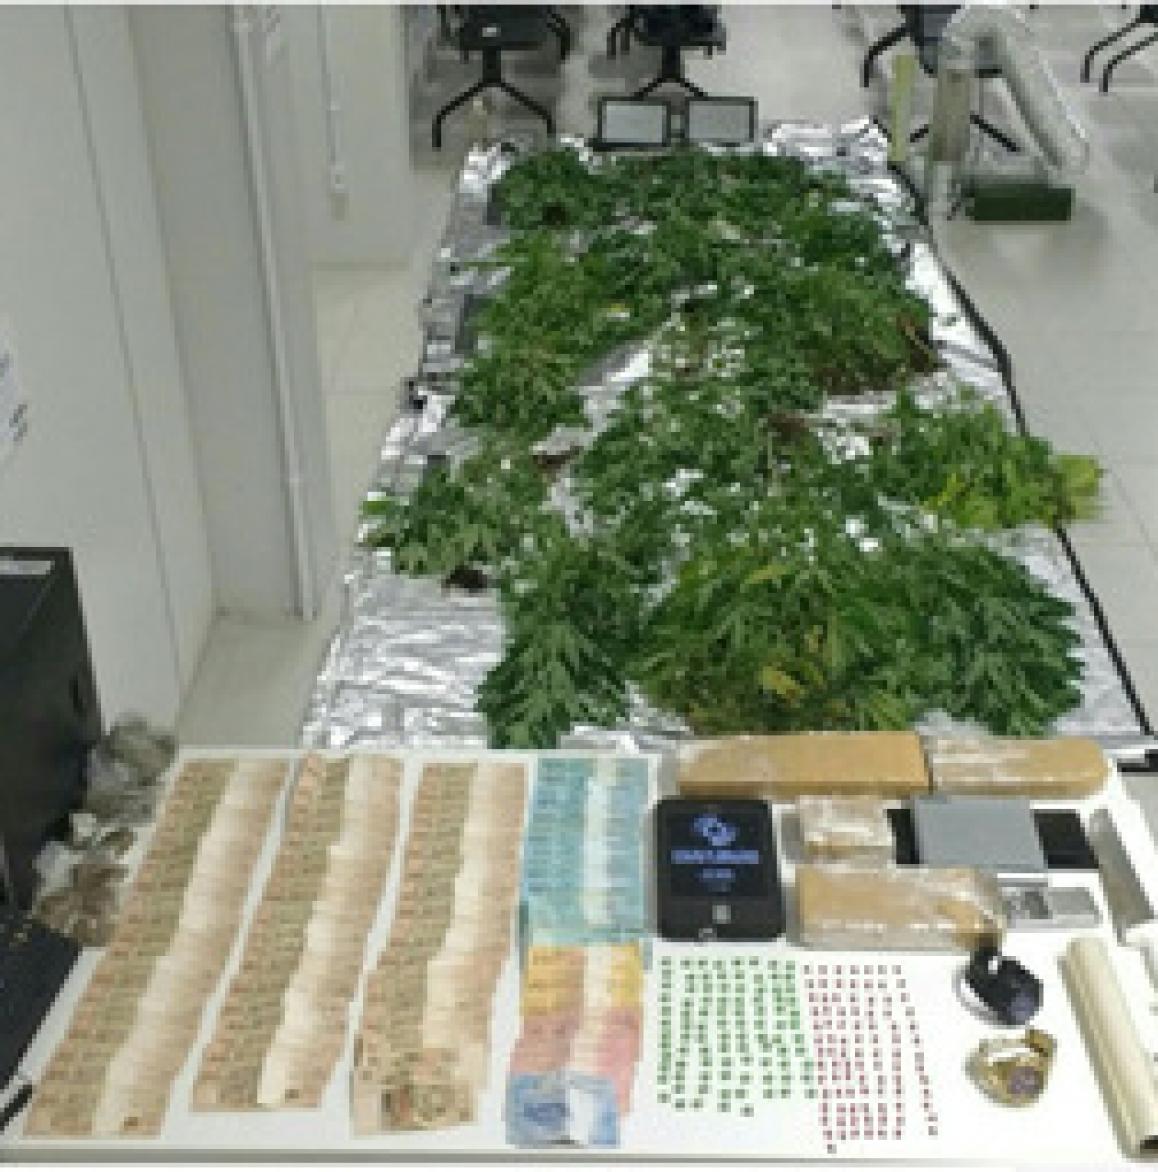 Homem cultivava 65 pés de maconha em um apartamento no Rio Vermelho - Polícia Militar/Divulgação/ND